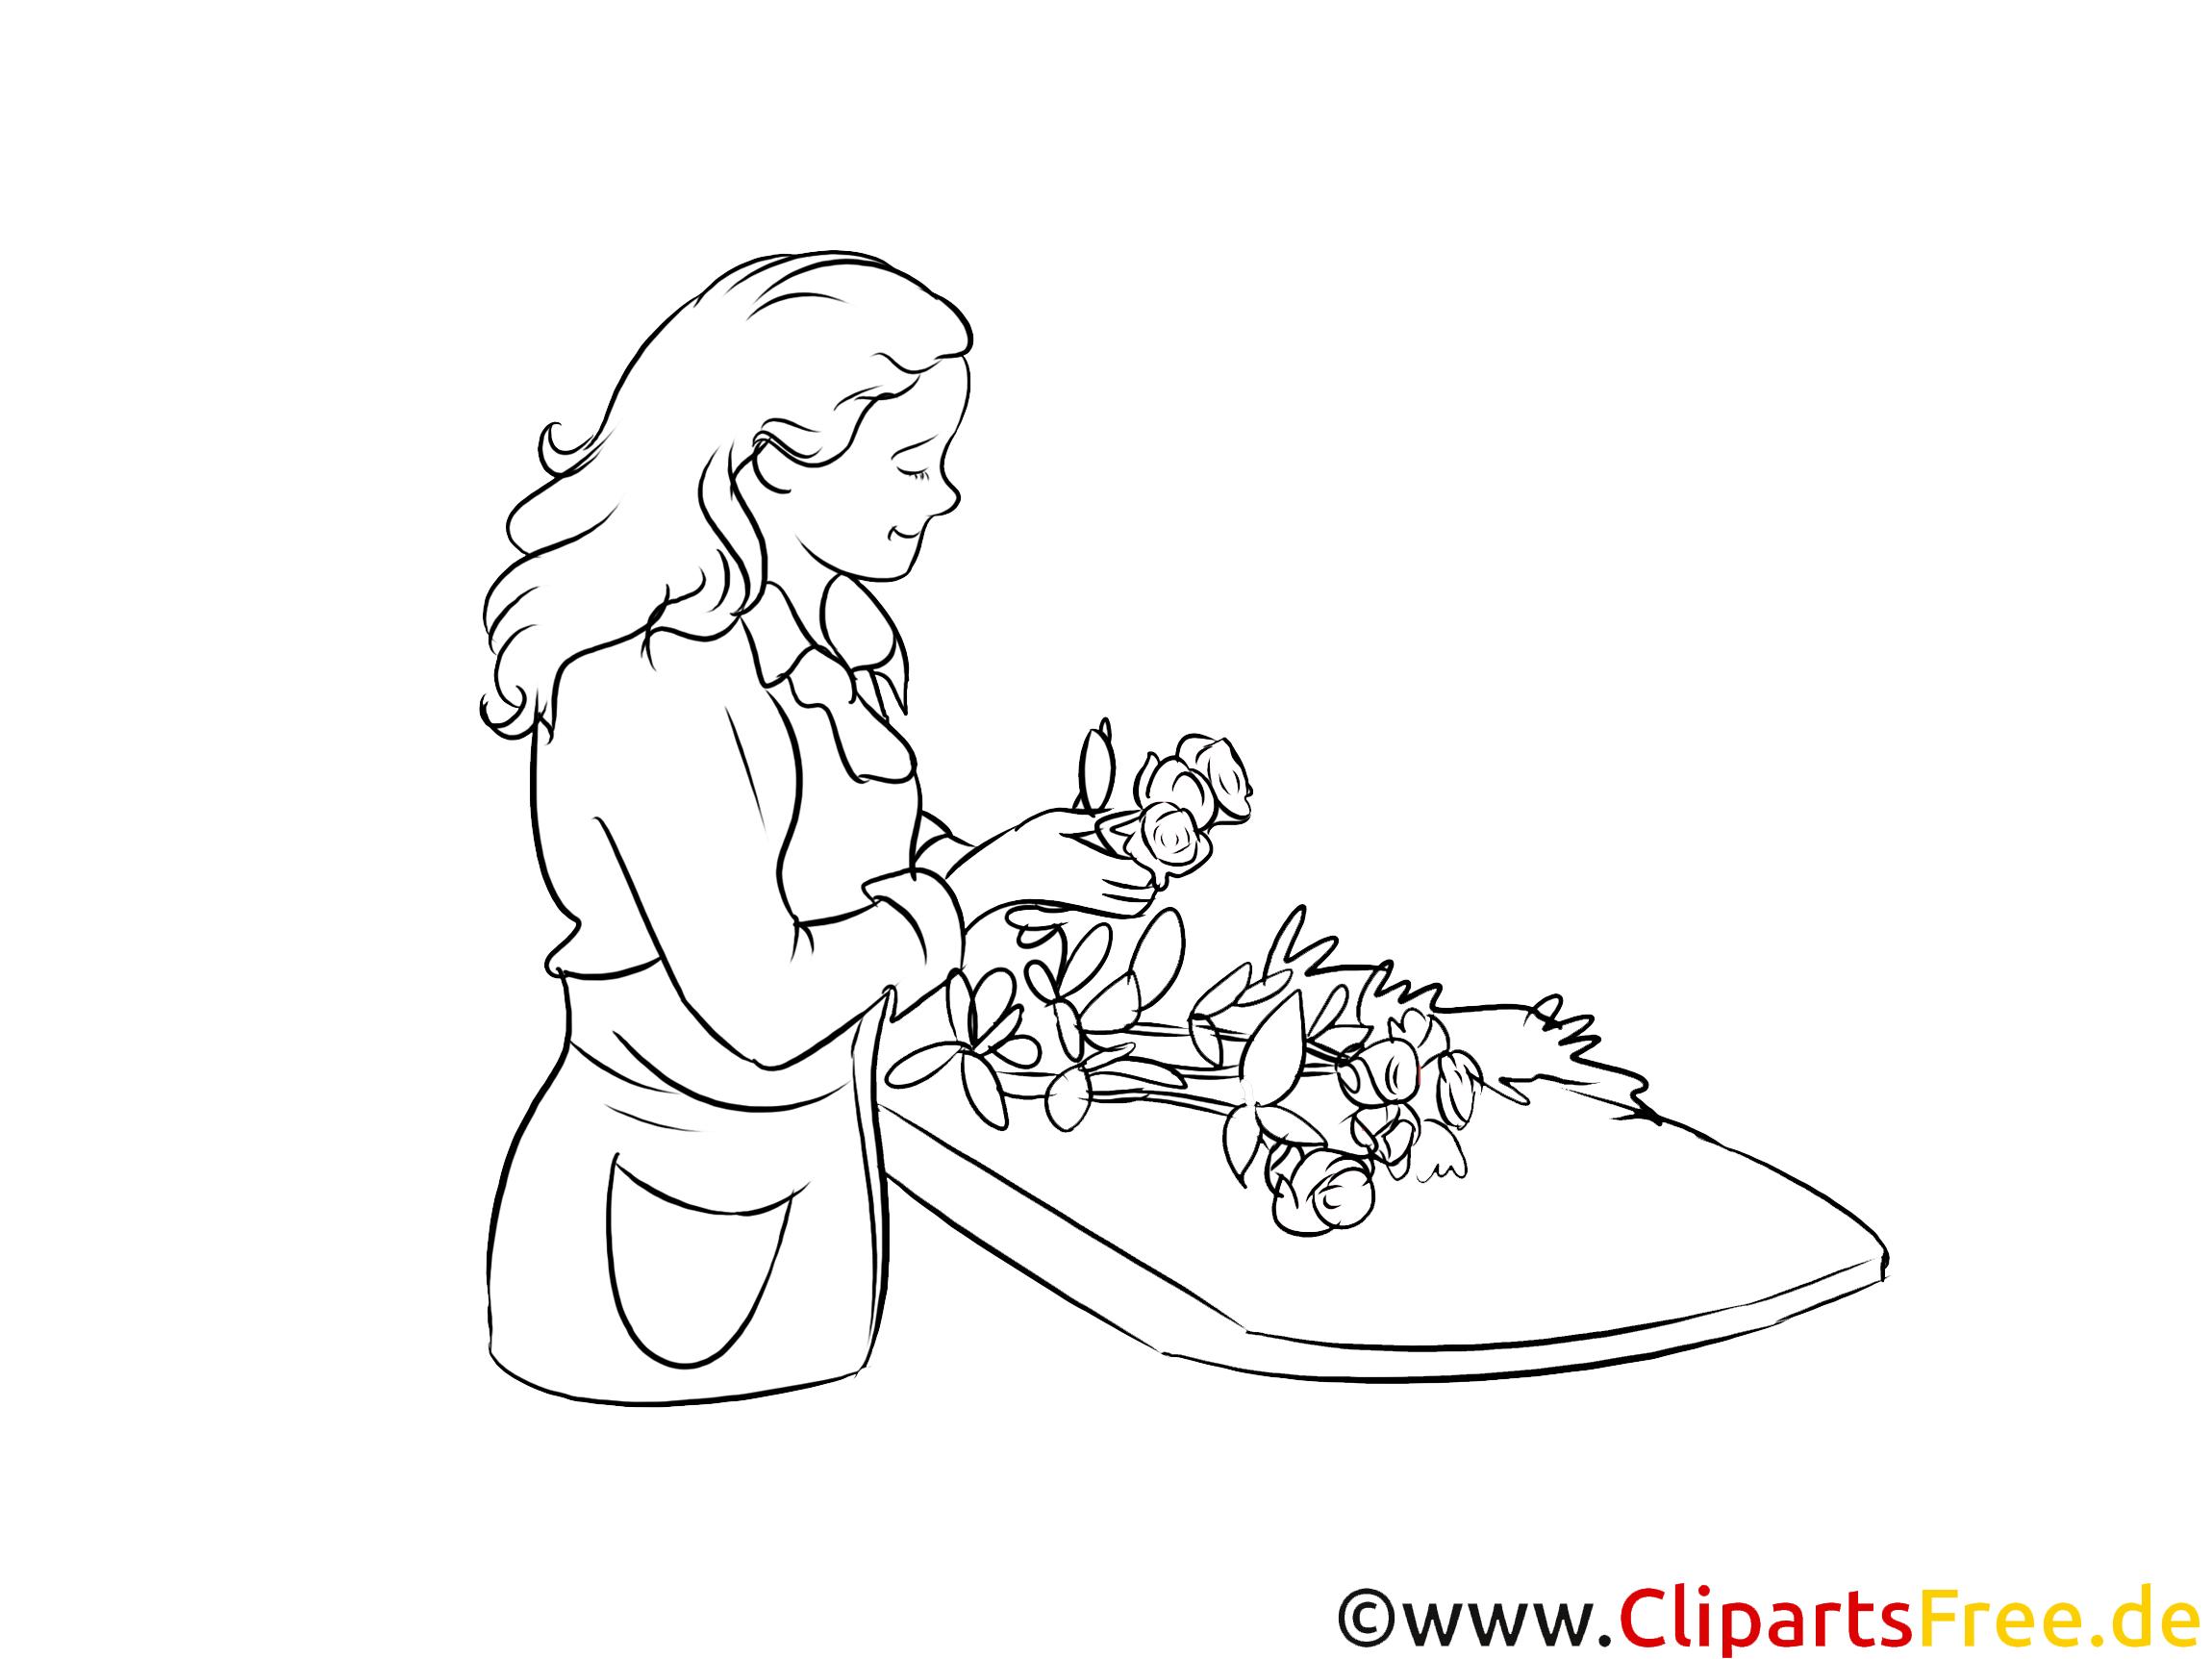 Floristin druckbare schwarz-weiße Cliparts, Grafiken kostenlos